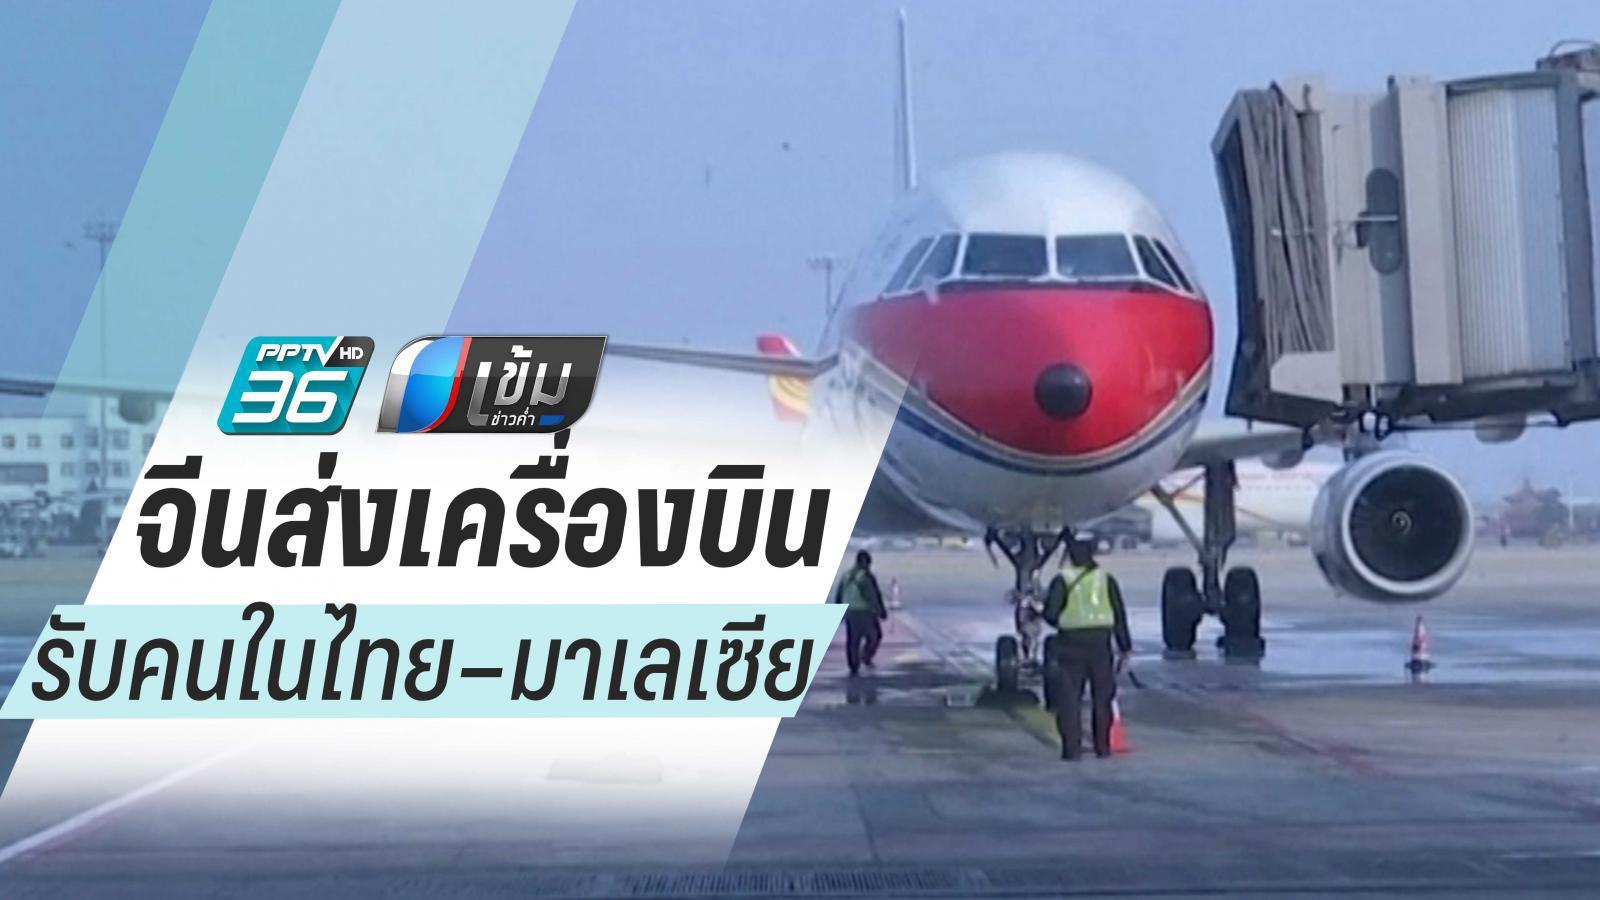 จีนส่งเครื่องบินรับพลเมืองในไทย – มาเลเซีย กลับบ้านวันนี้